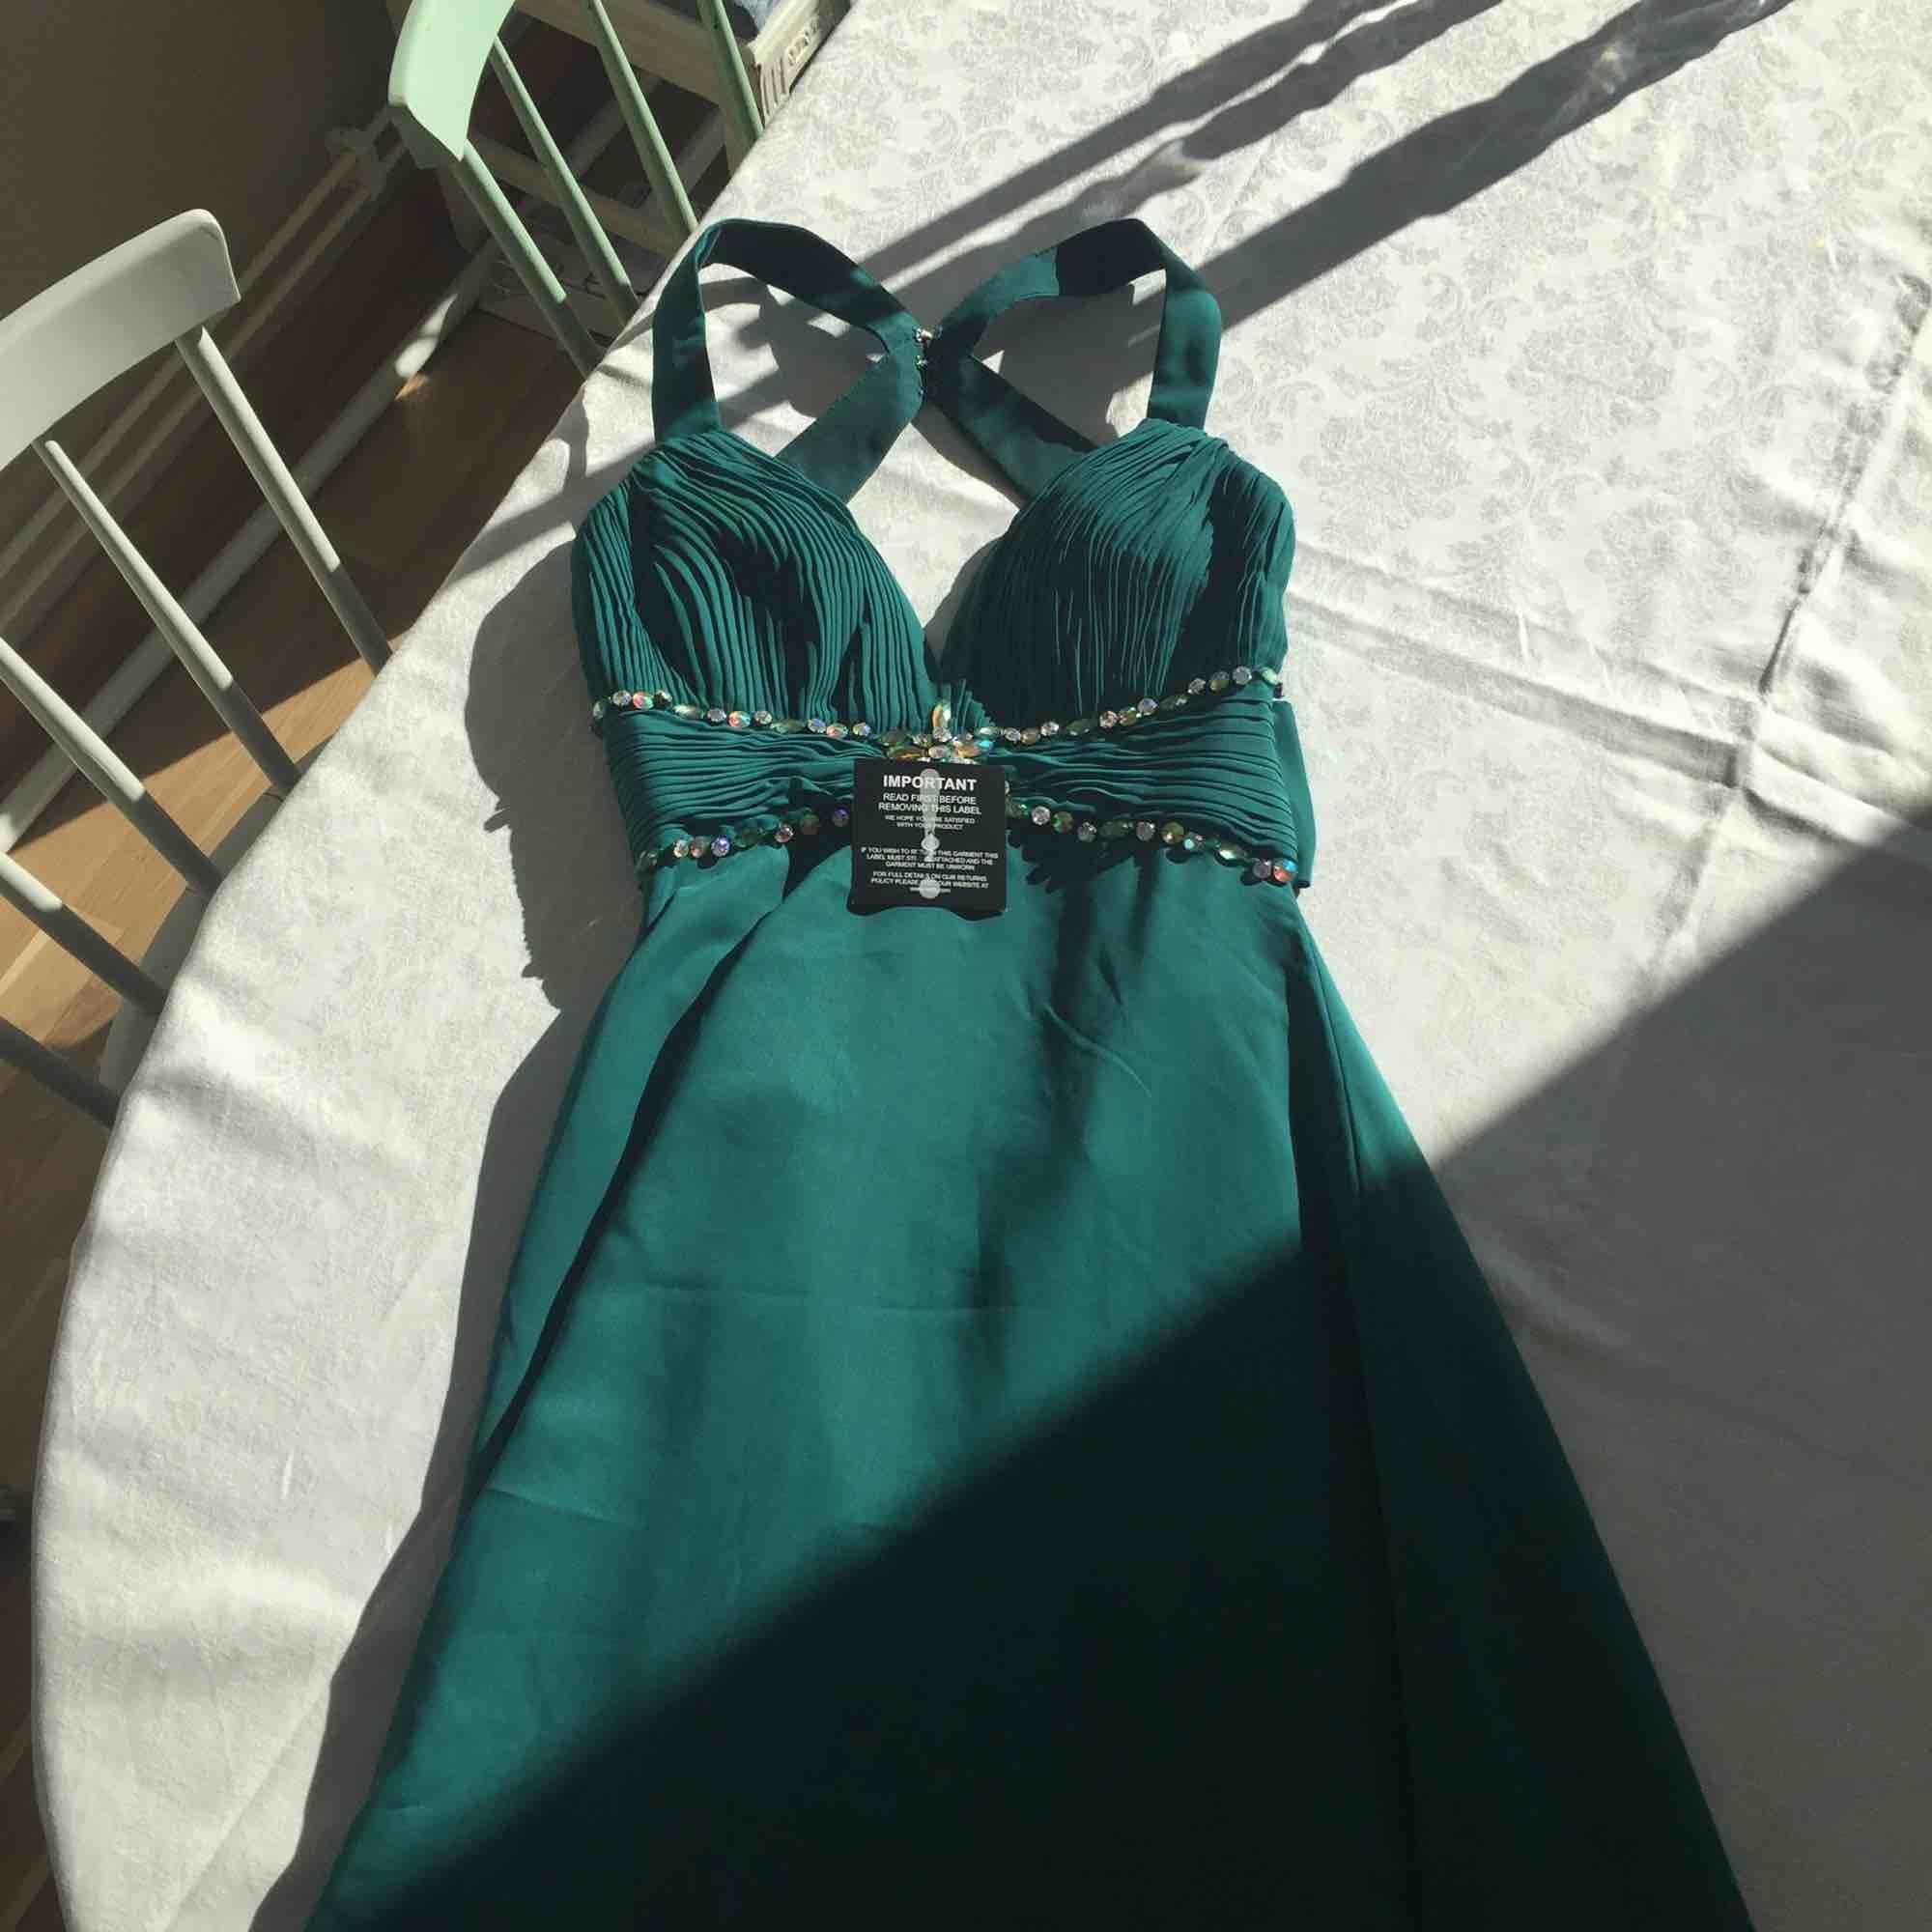 Vacker långklänning i en smaragdgrön färg. Läcker lågskuren rygg och fina stenar. Något längre bak än fram. Oanvänd med lapparna kvar.. Klänningar.